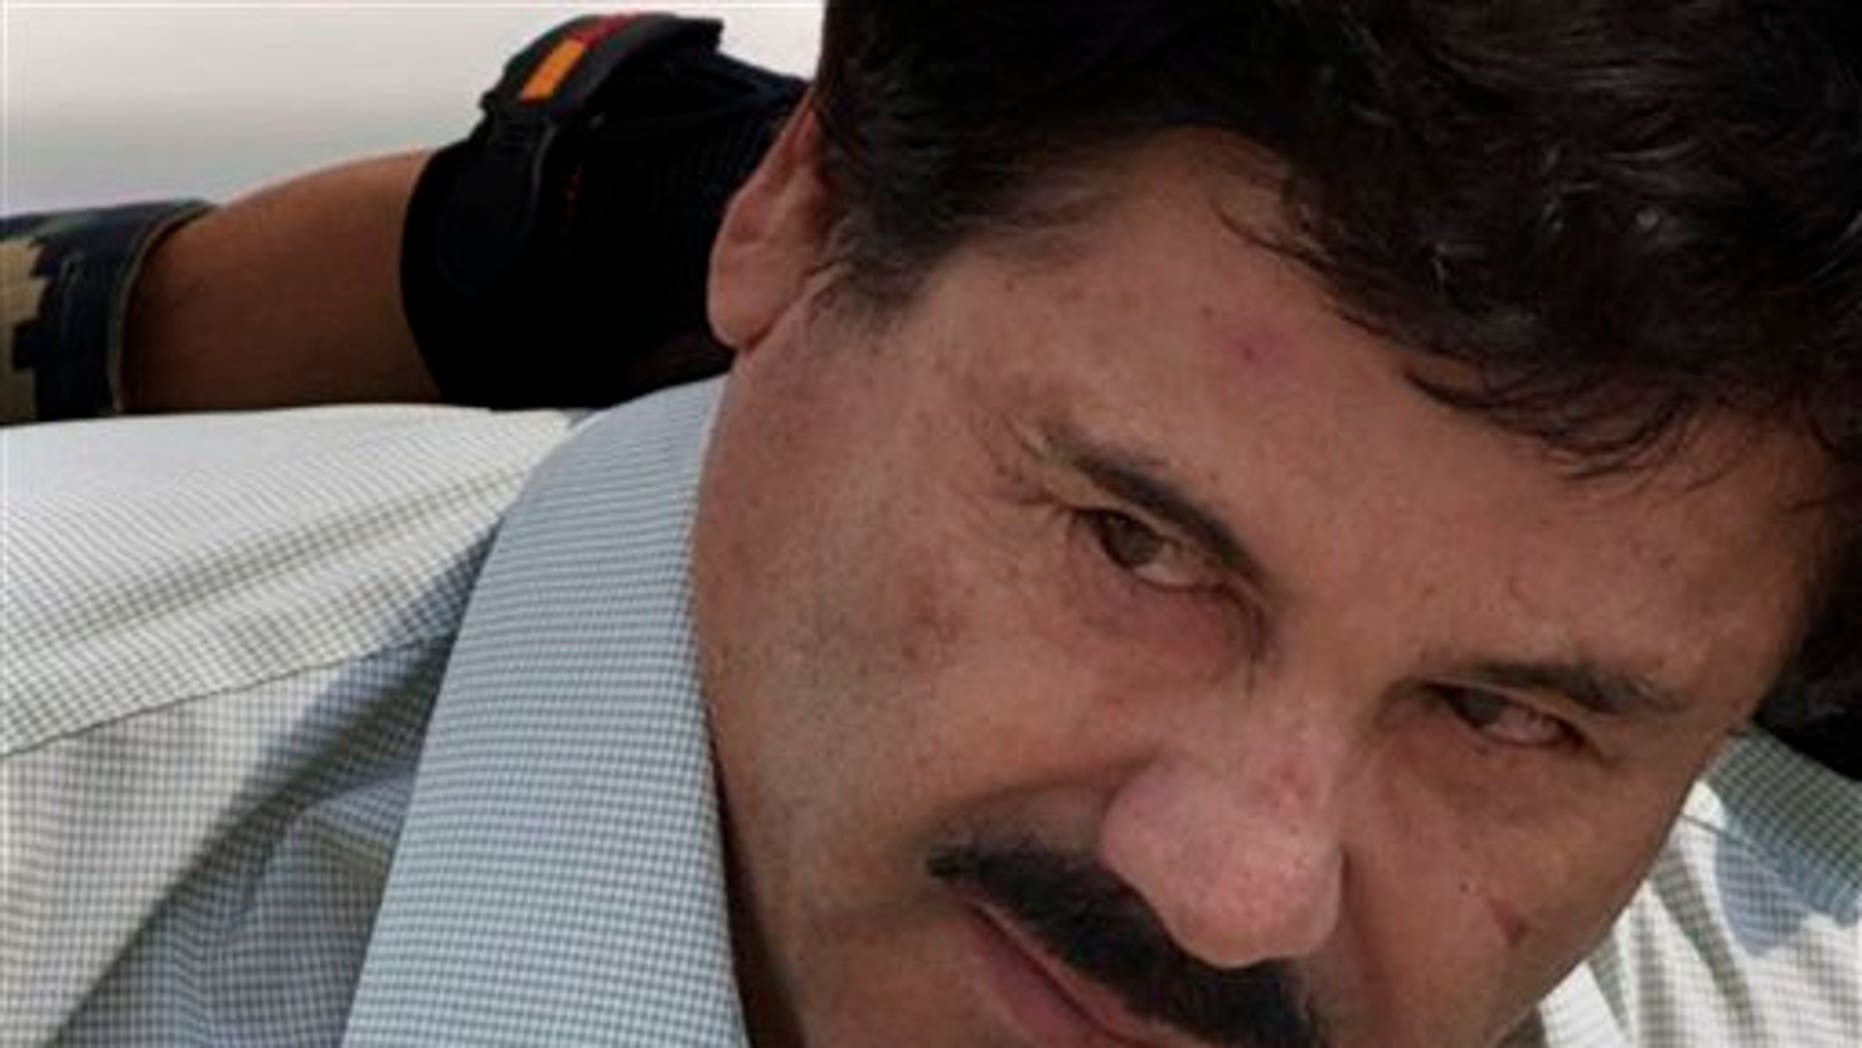 """En esta imagen del 22 de febrero de 2014, Joaquín """"El Chapo"""" Guzmàn es escoltado hacia un helicóptero por miembros de la Marina de México en un hangar del aeropuerto de la Ciudad de México. El comisionado de seguridad nacional de México dijo que el capo podría ser extraditado a Estados Unidos a inicios del año entrante. Renato Sales le dijo a Televisa que podría suceder en enero o febrero. Un abogado de Guzmán dijo recientemente que la corte podría decidir sobre la extradición a finales del año, pero cualquiera de las partes tendría derecho a apelar. (AP Foto/Eduardo Verdugo, Archivo)"""